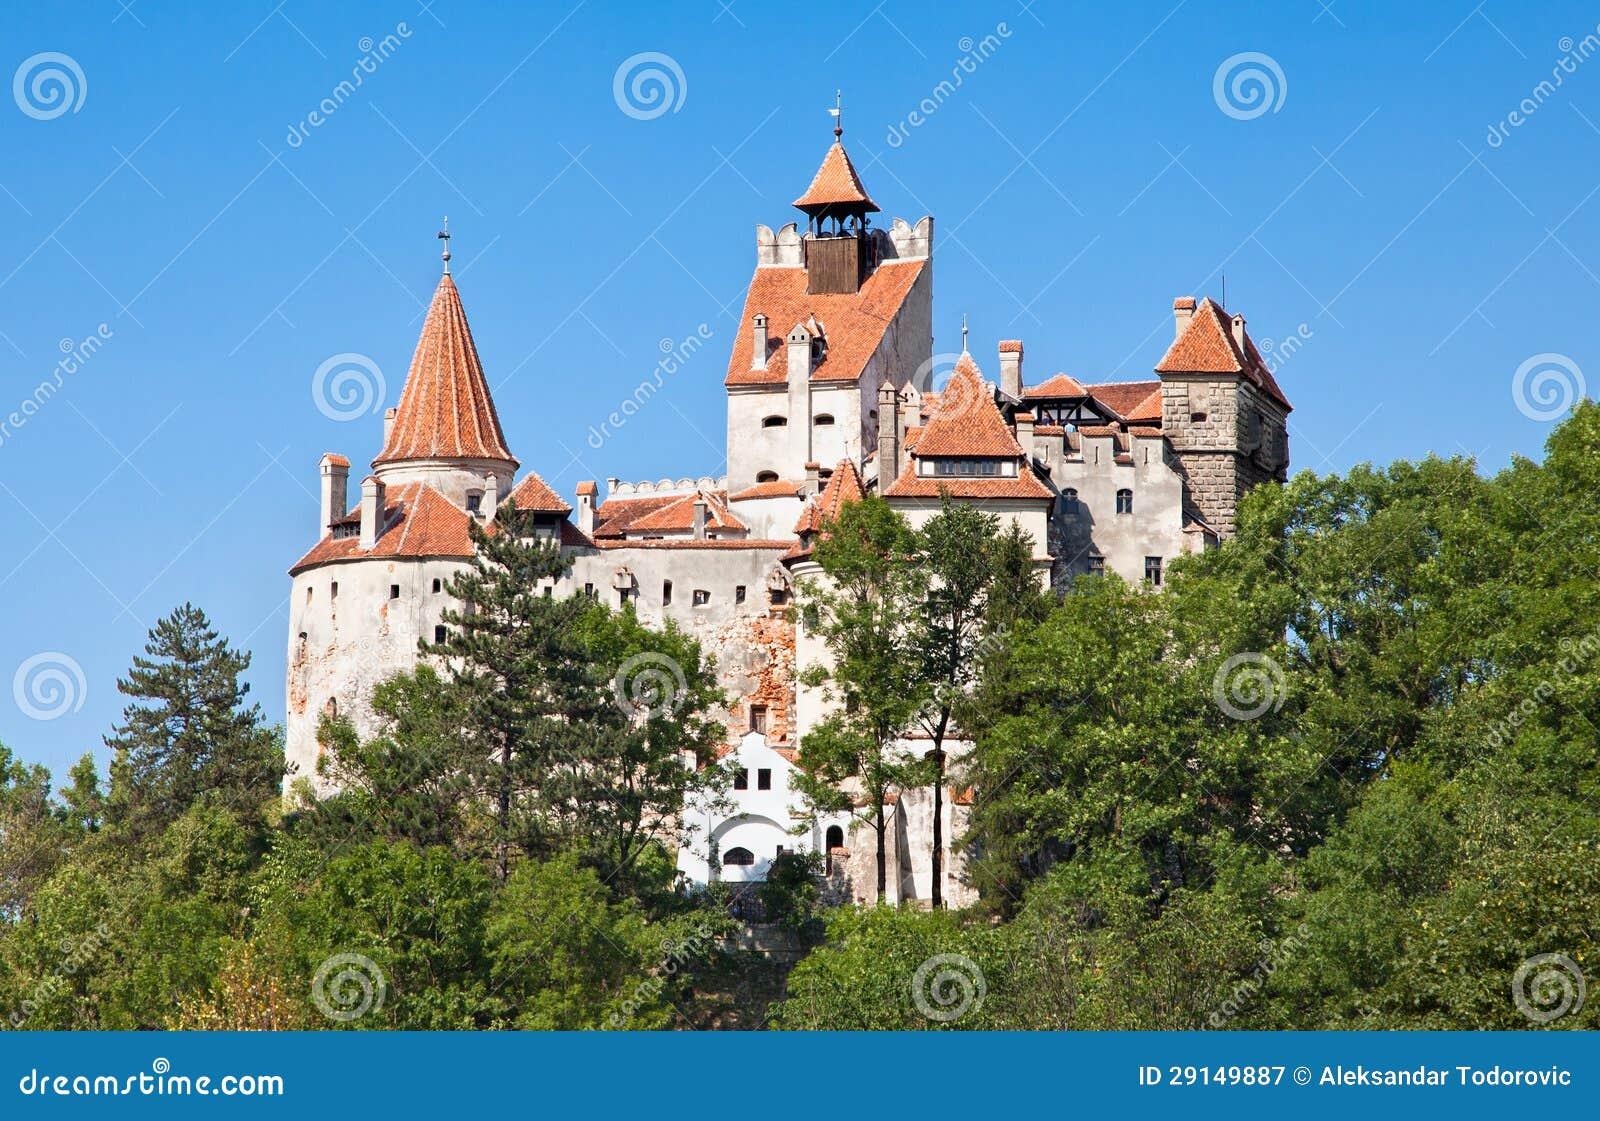 Dracula S Castle Bran Castle In Transylvania Romania